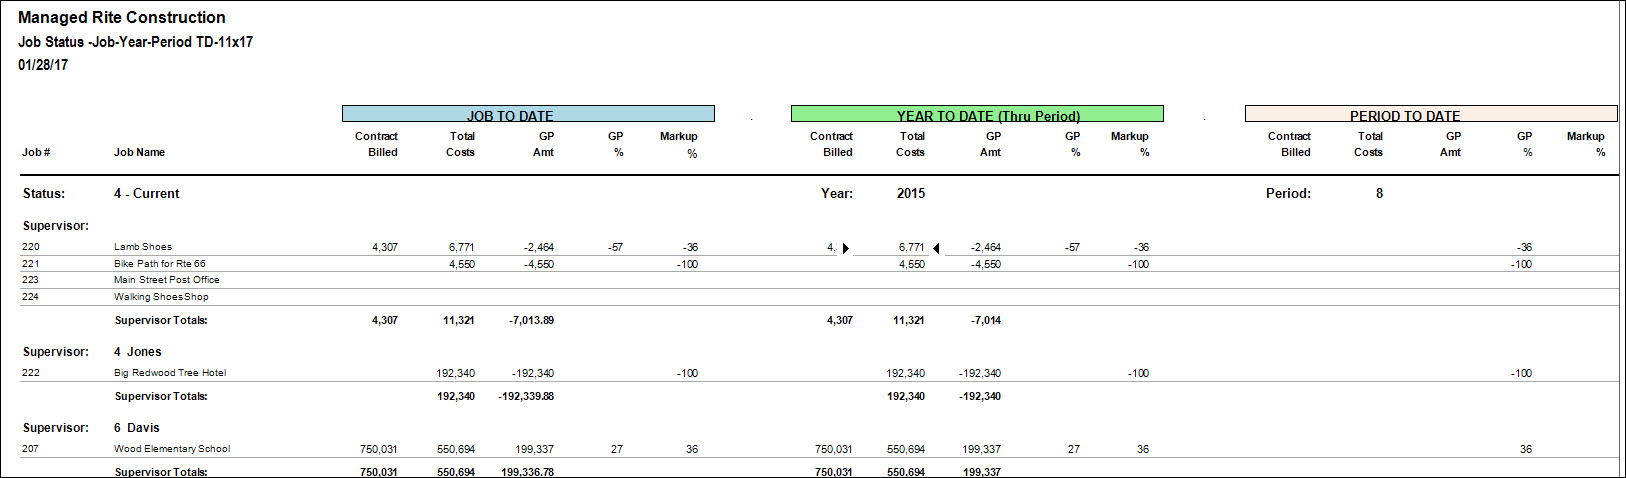 06-01-01-09 Job Status -Job-Year-Period TD (11x17)